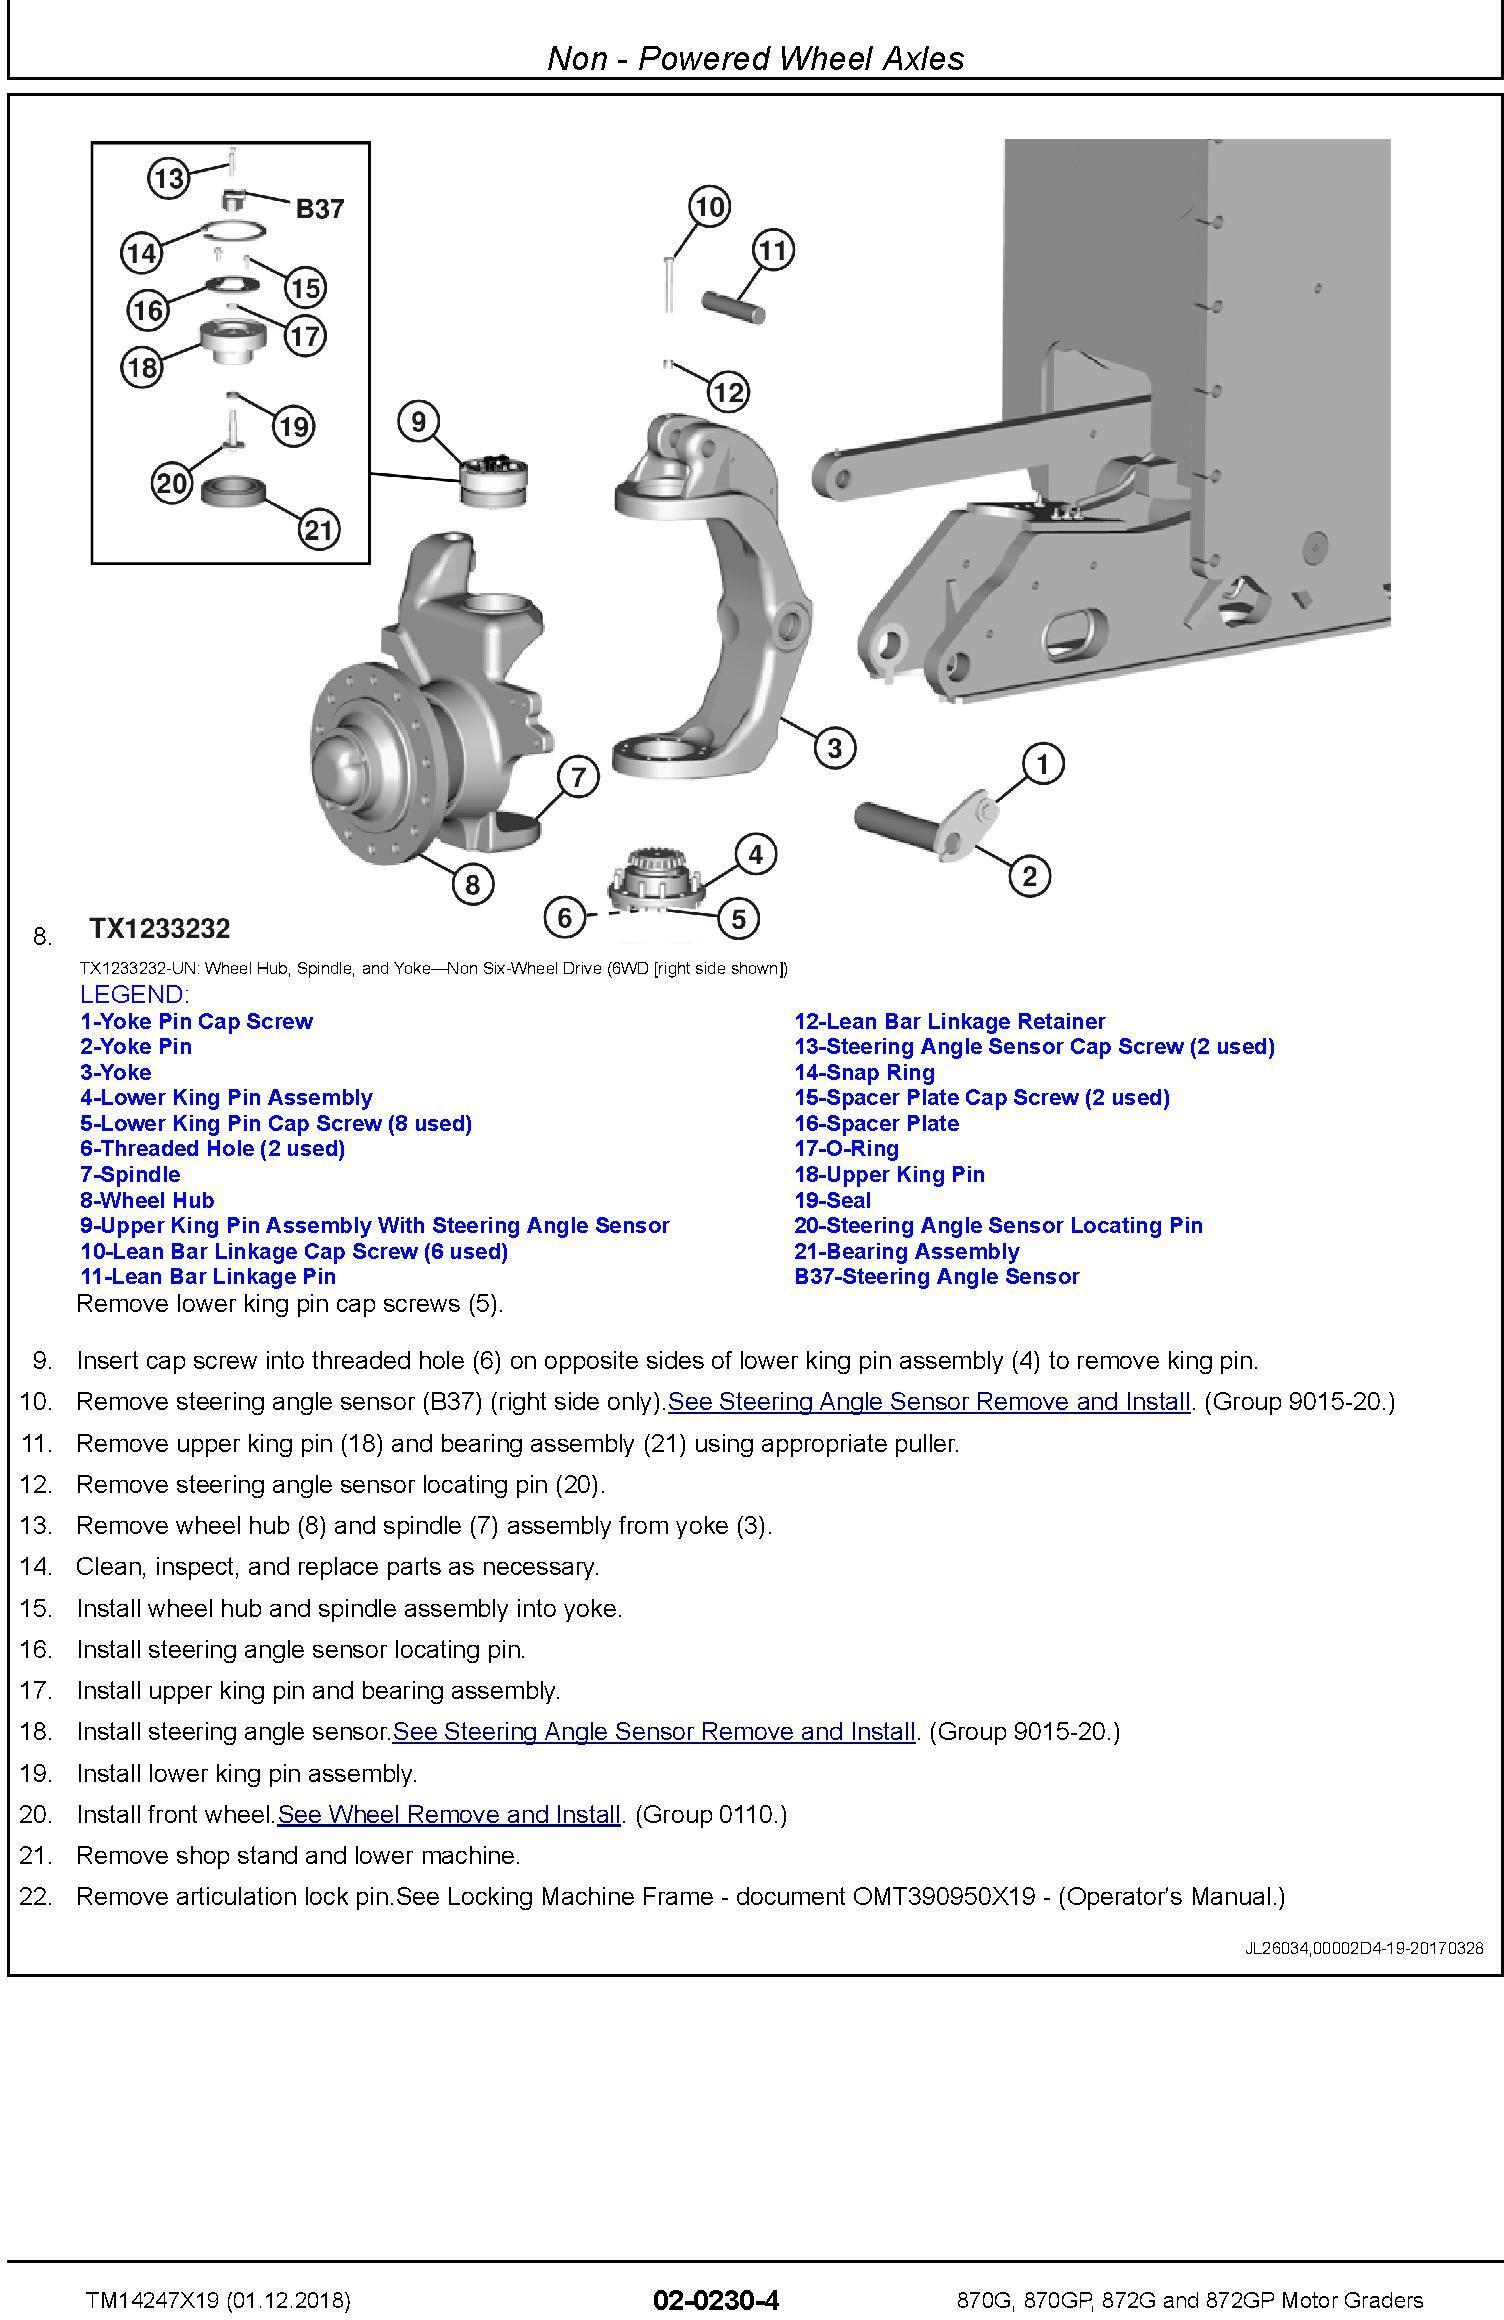 John Deere 870G, 870GP, 872G, 872GP (SN. F680878-,L700954-) Motor Graders Repair Manual (TM14247X19) - 1